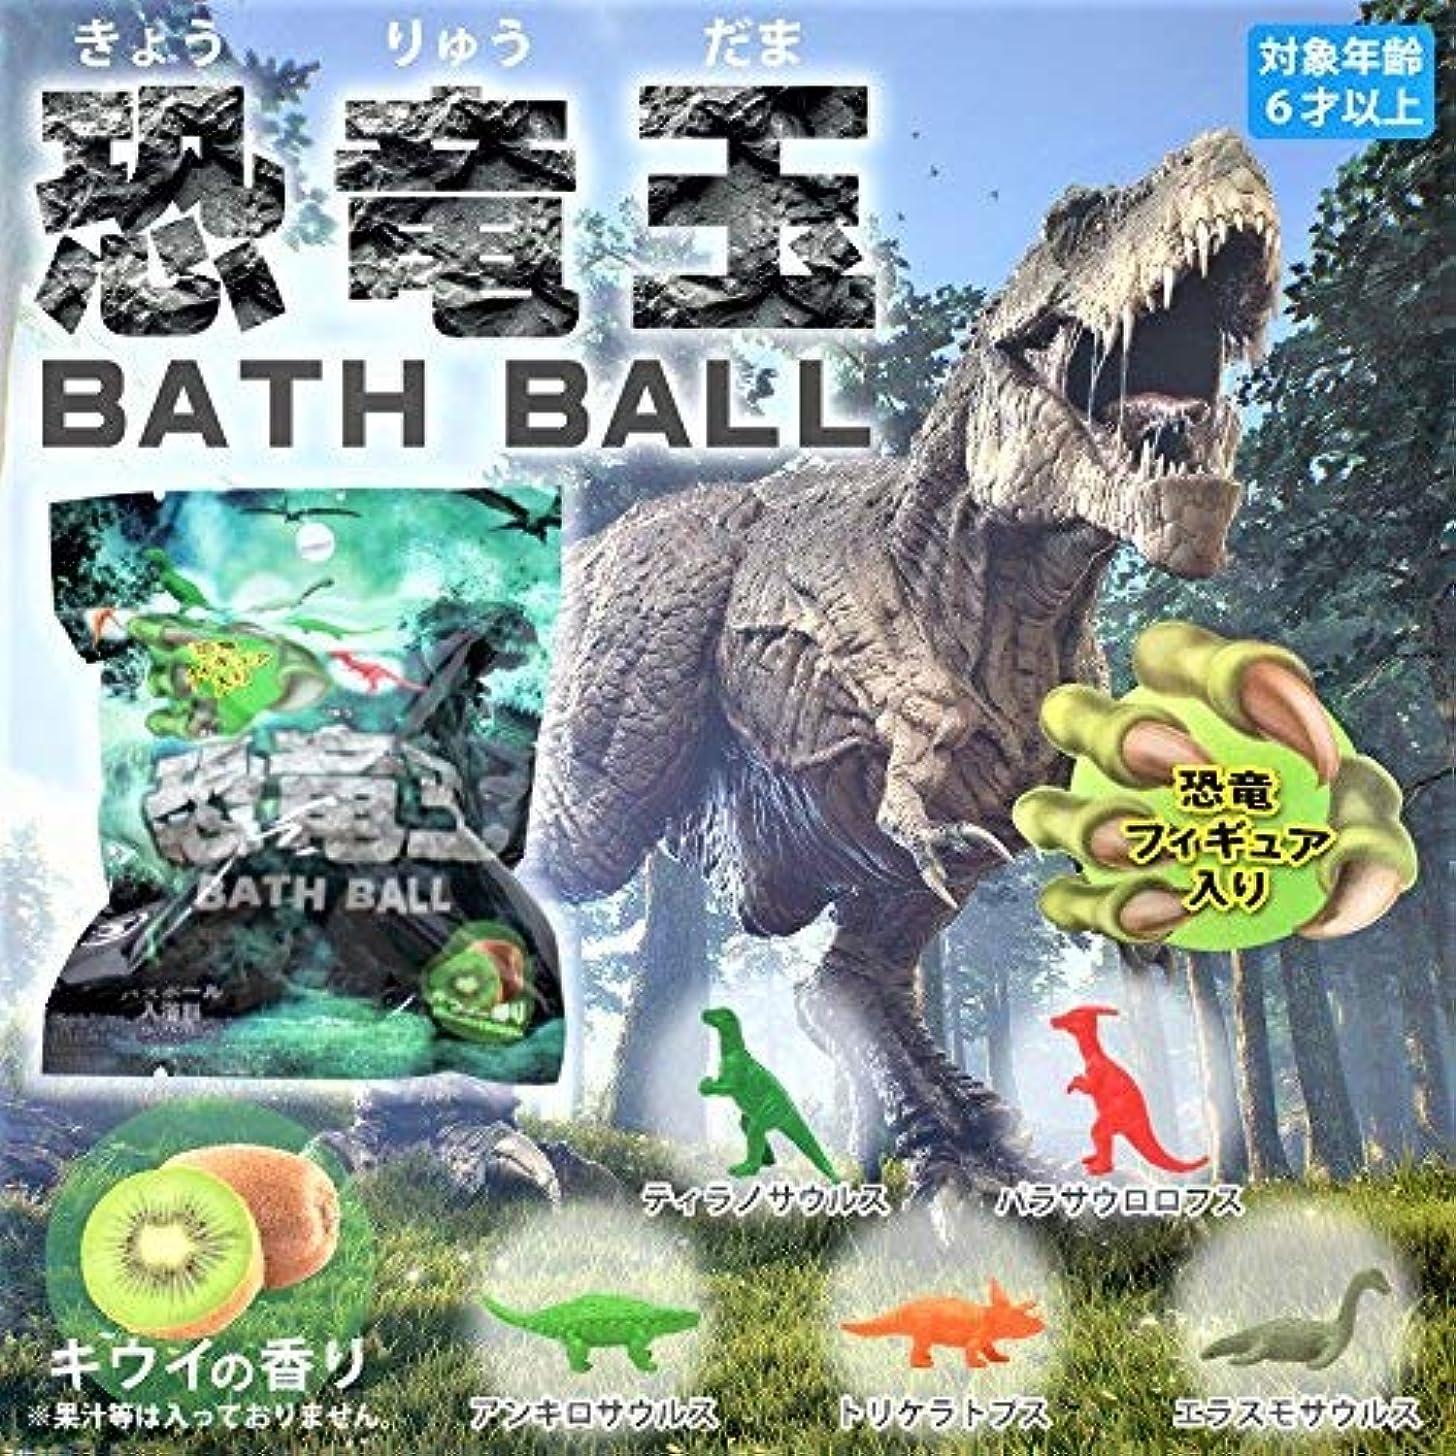 在庫最悪許される恐竜玉バスボール 24個1セット キウイの香り 恐竜フィギュア入りバスボール 入浴剤